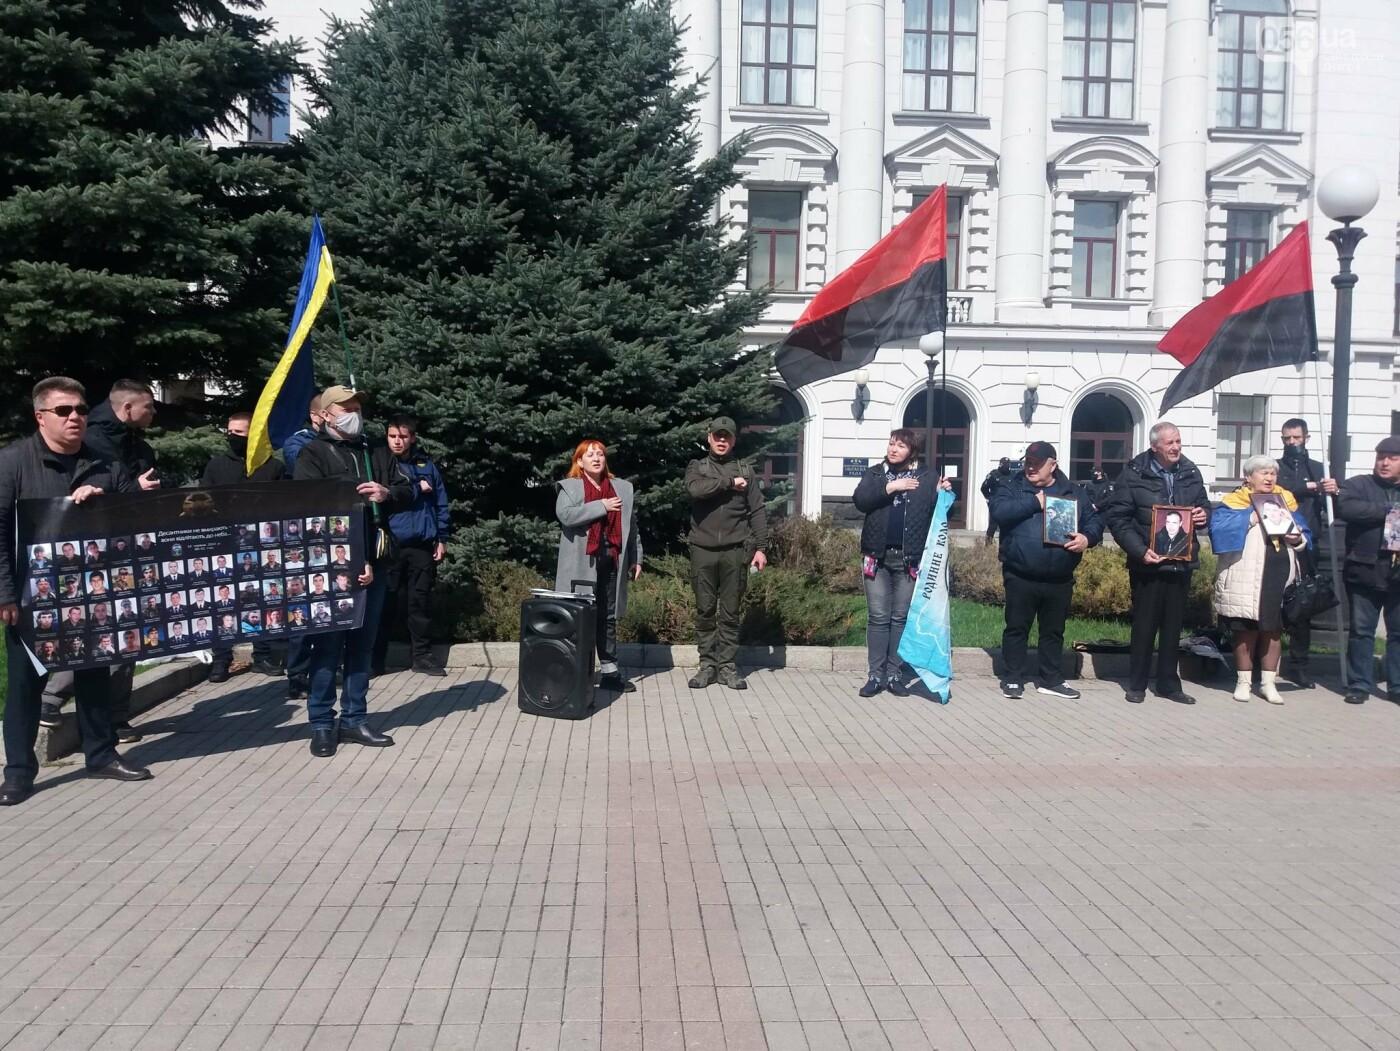 Днепровские активисты требуют лишить депутатского мандата и должности Геннадия Гуфмана: реакция политика, фото-17